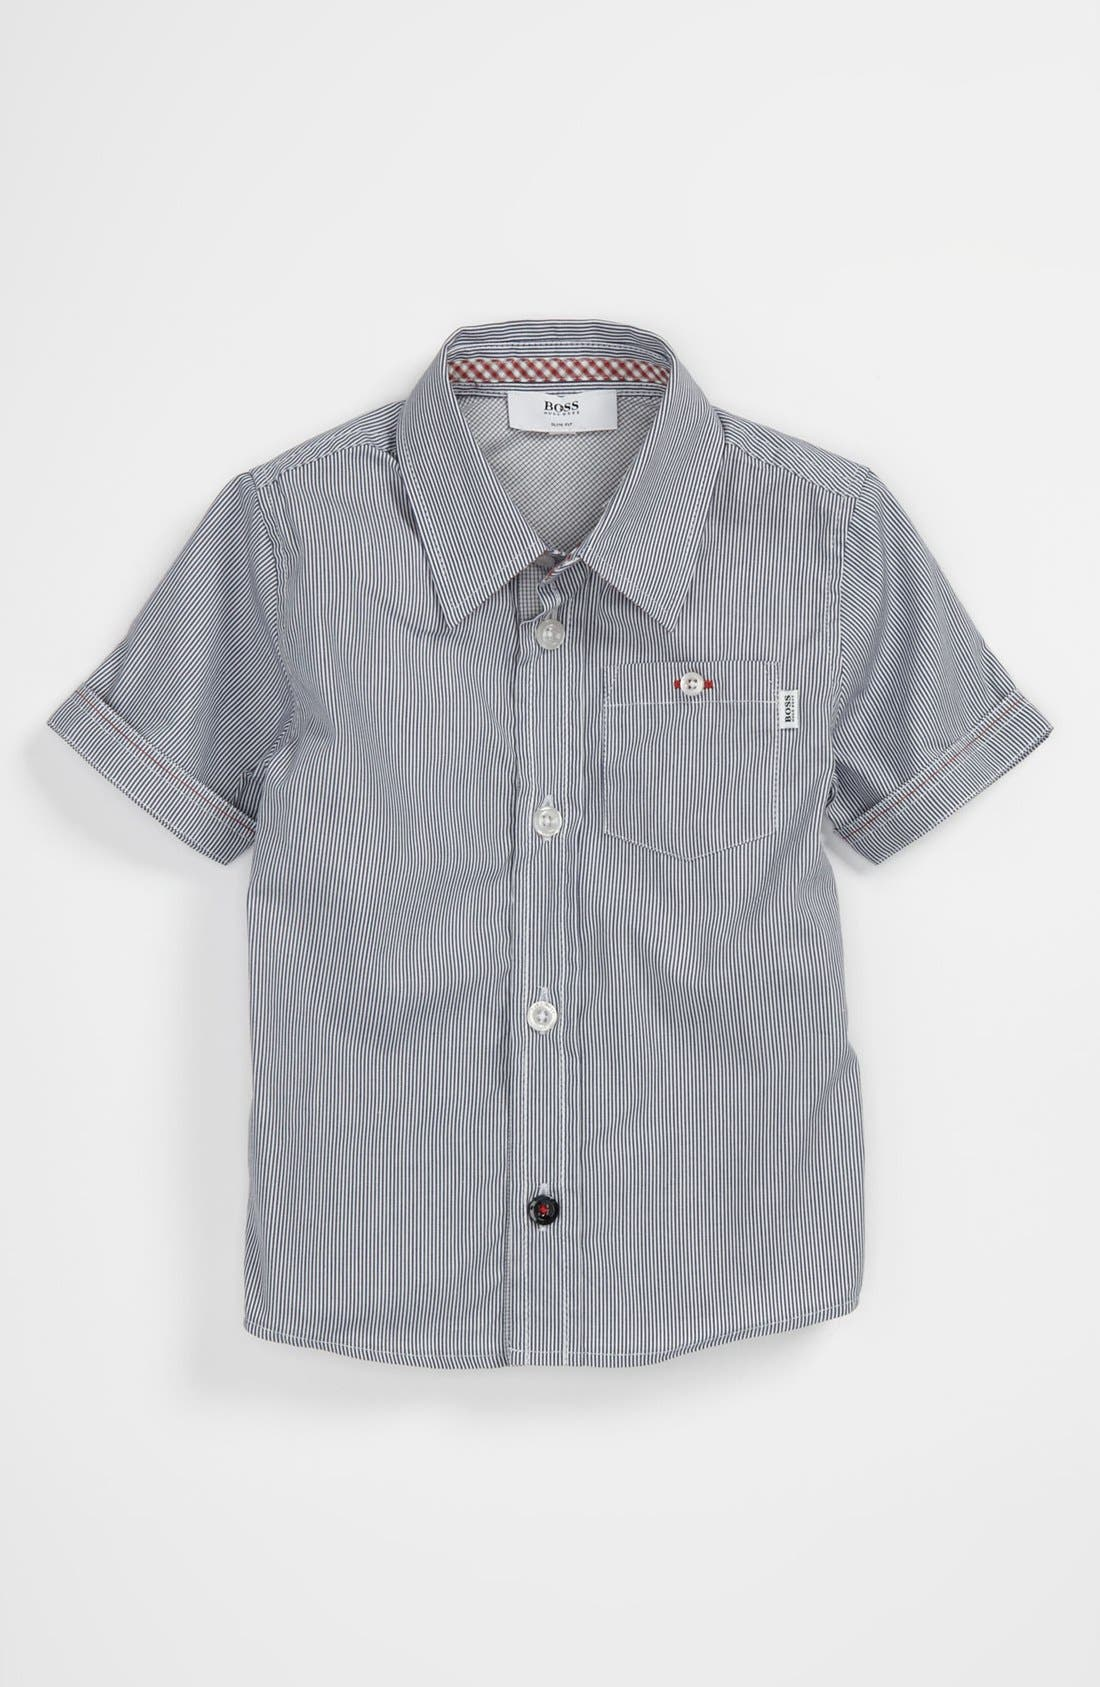 Alternate Image 1 Selected - BOSS Kidswear Pinstripe Shirt (Toddler)